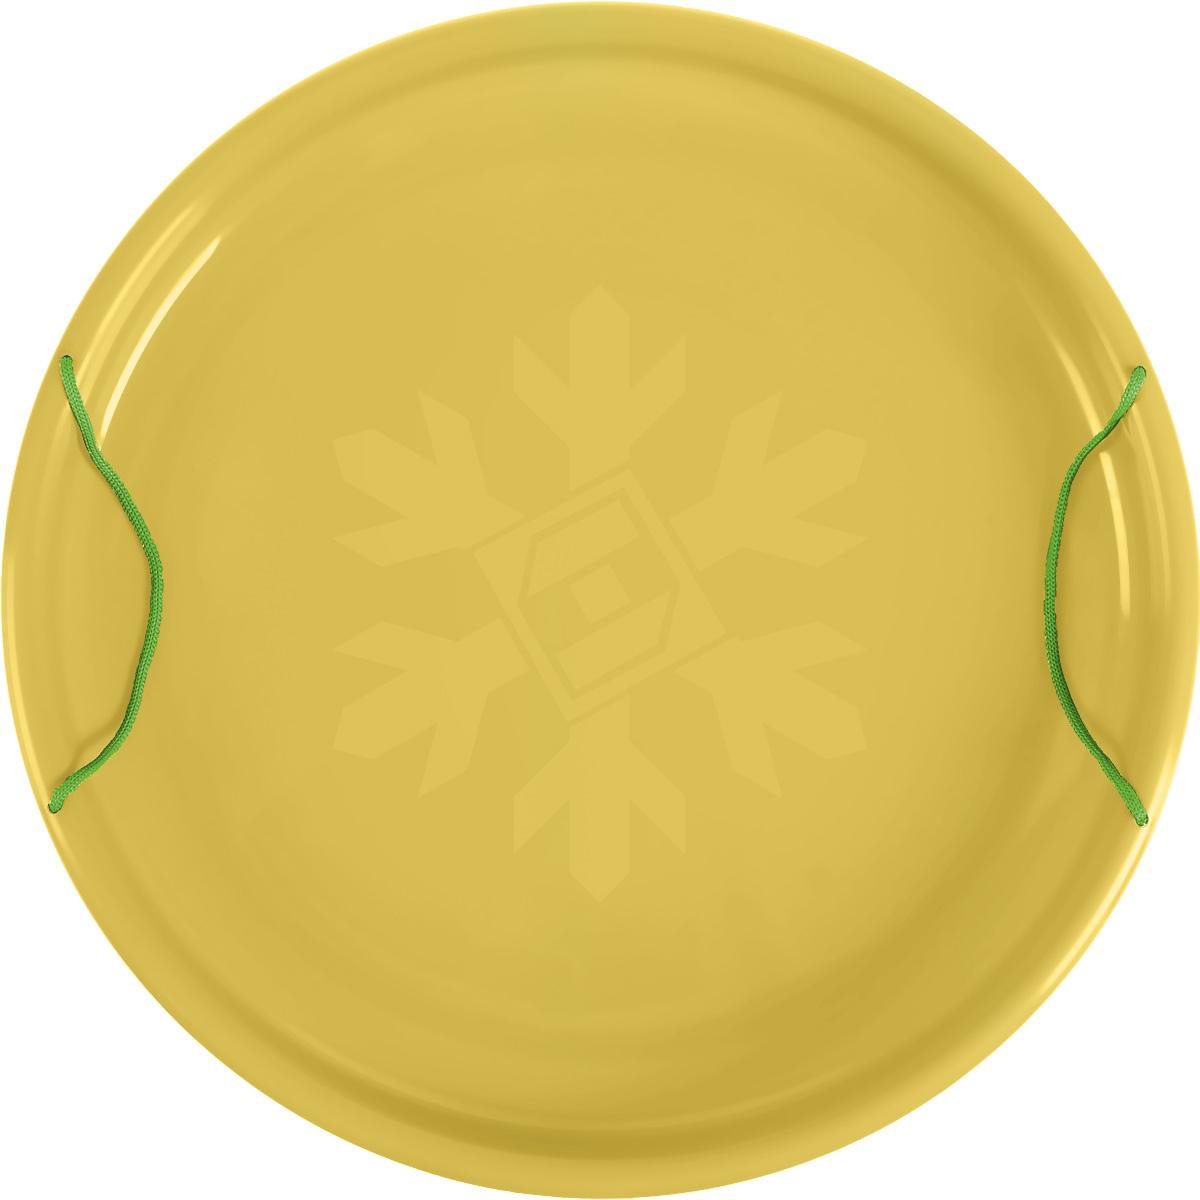 """Фото Санки-ледянки Престиж """"Экстрим"""", цвет: желтый, диаметр 53 см. Купить  в РФ"""